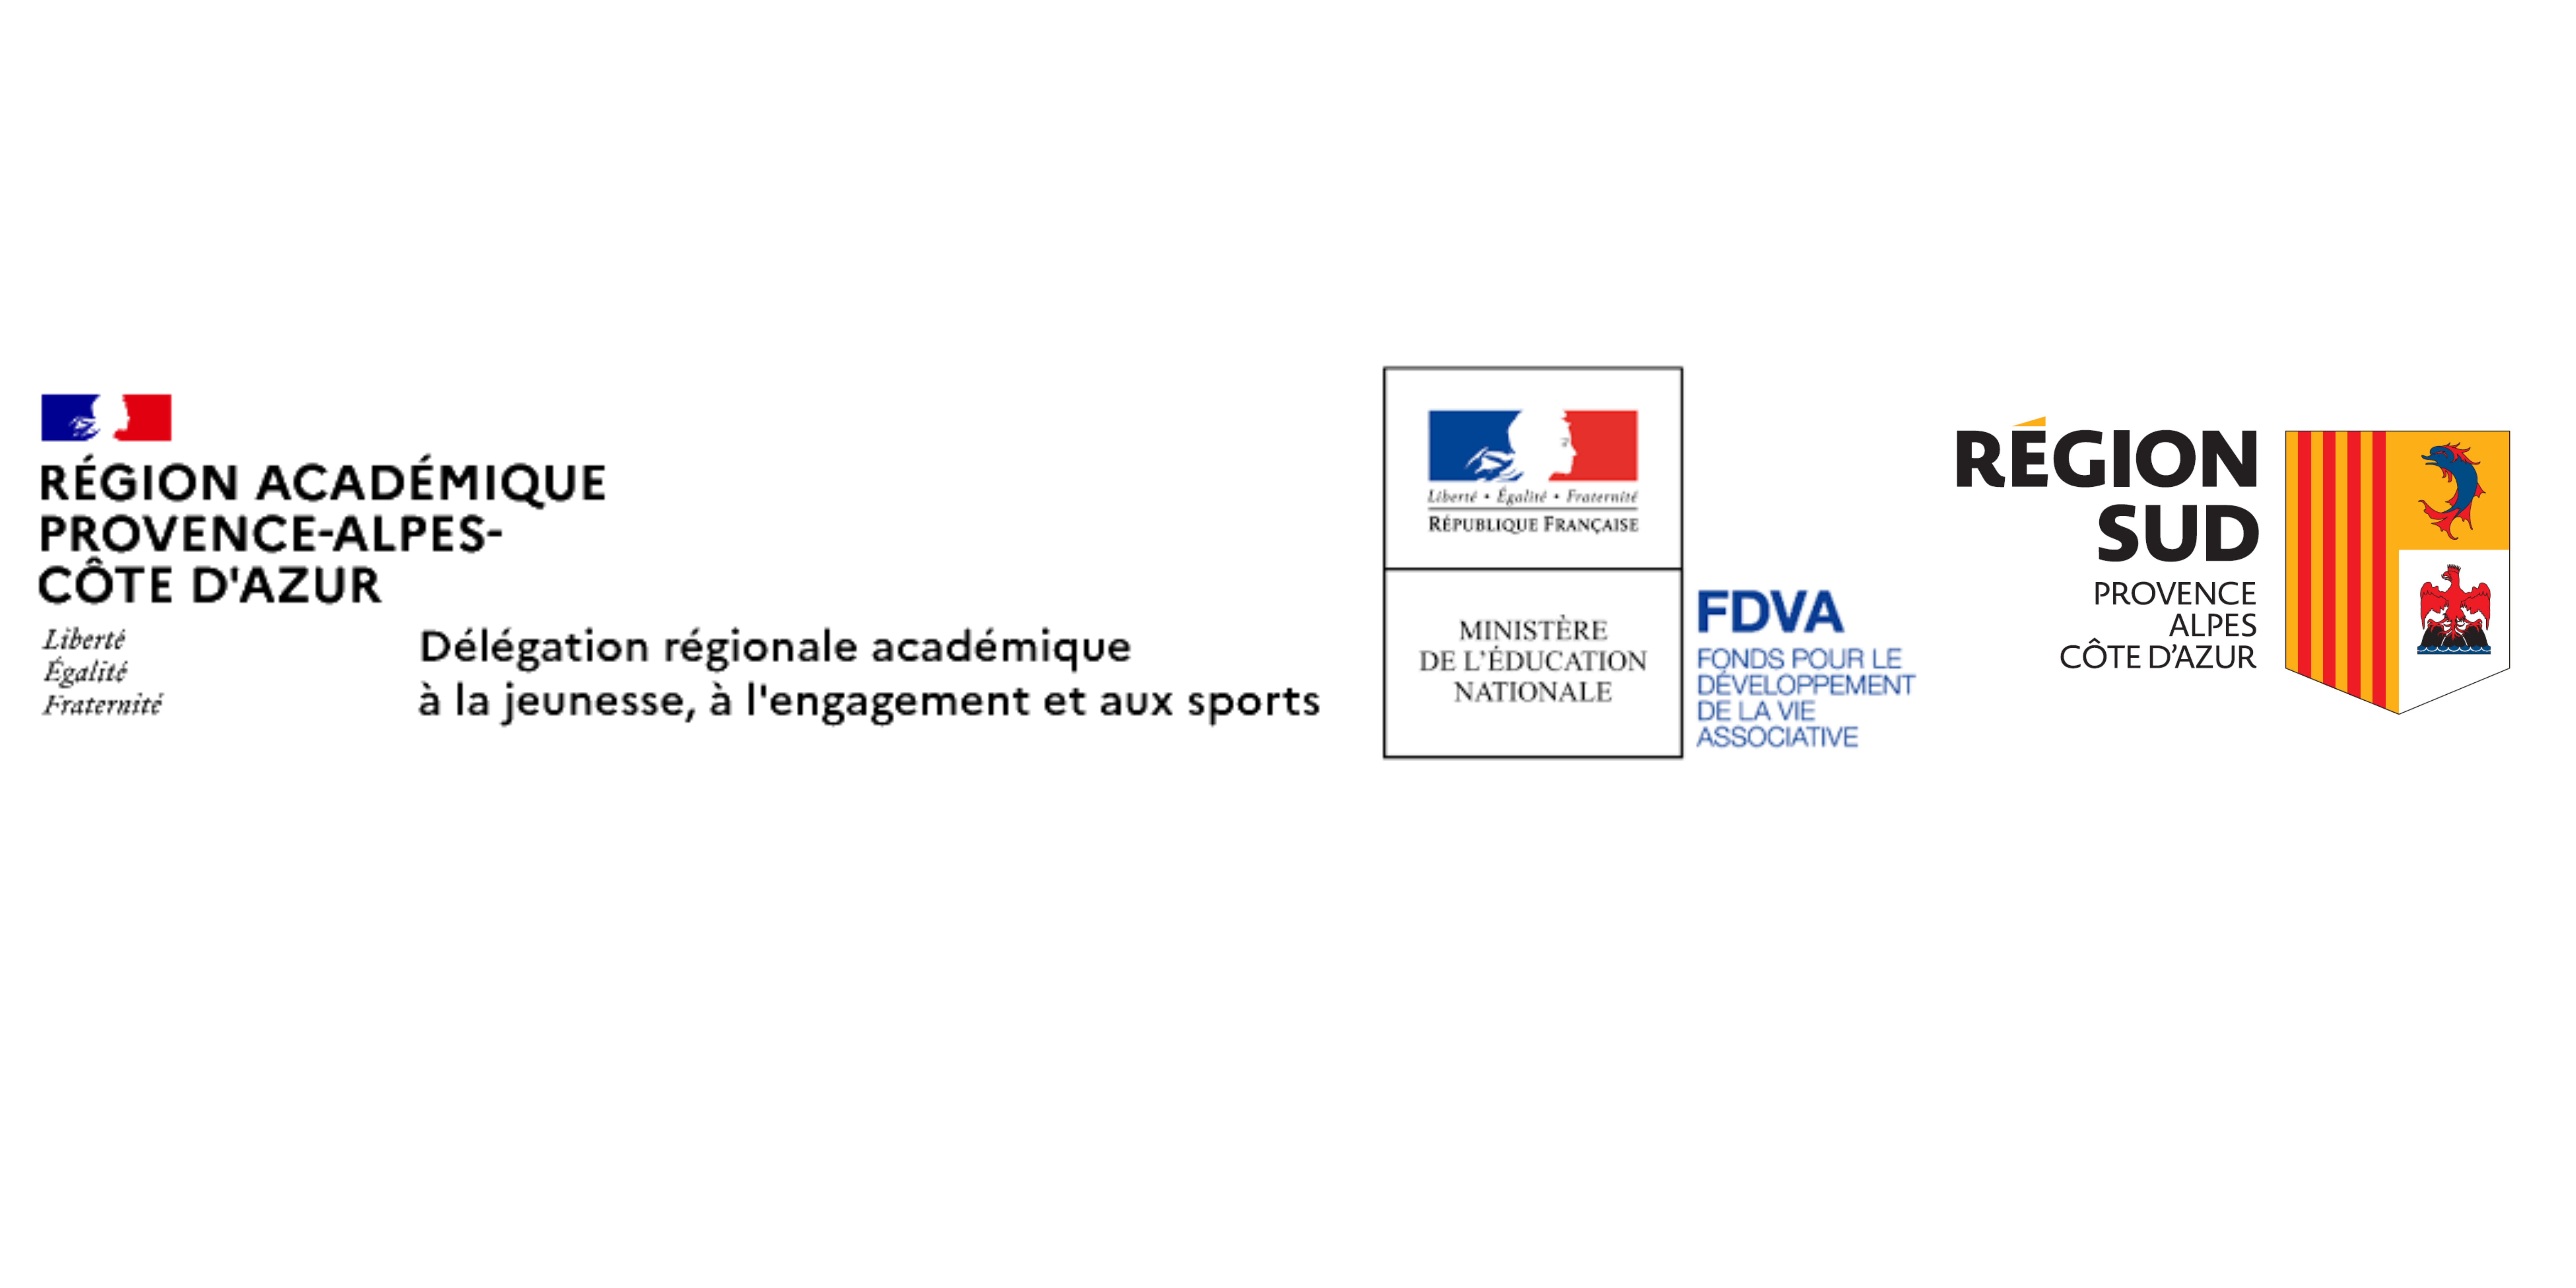 logos des partenaires DRAJES FDVA et Région Sud